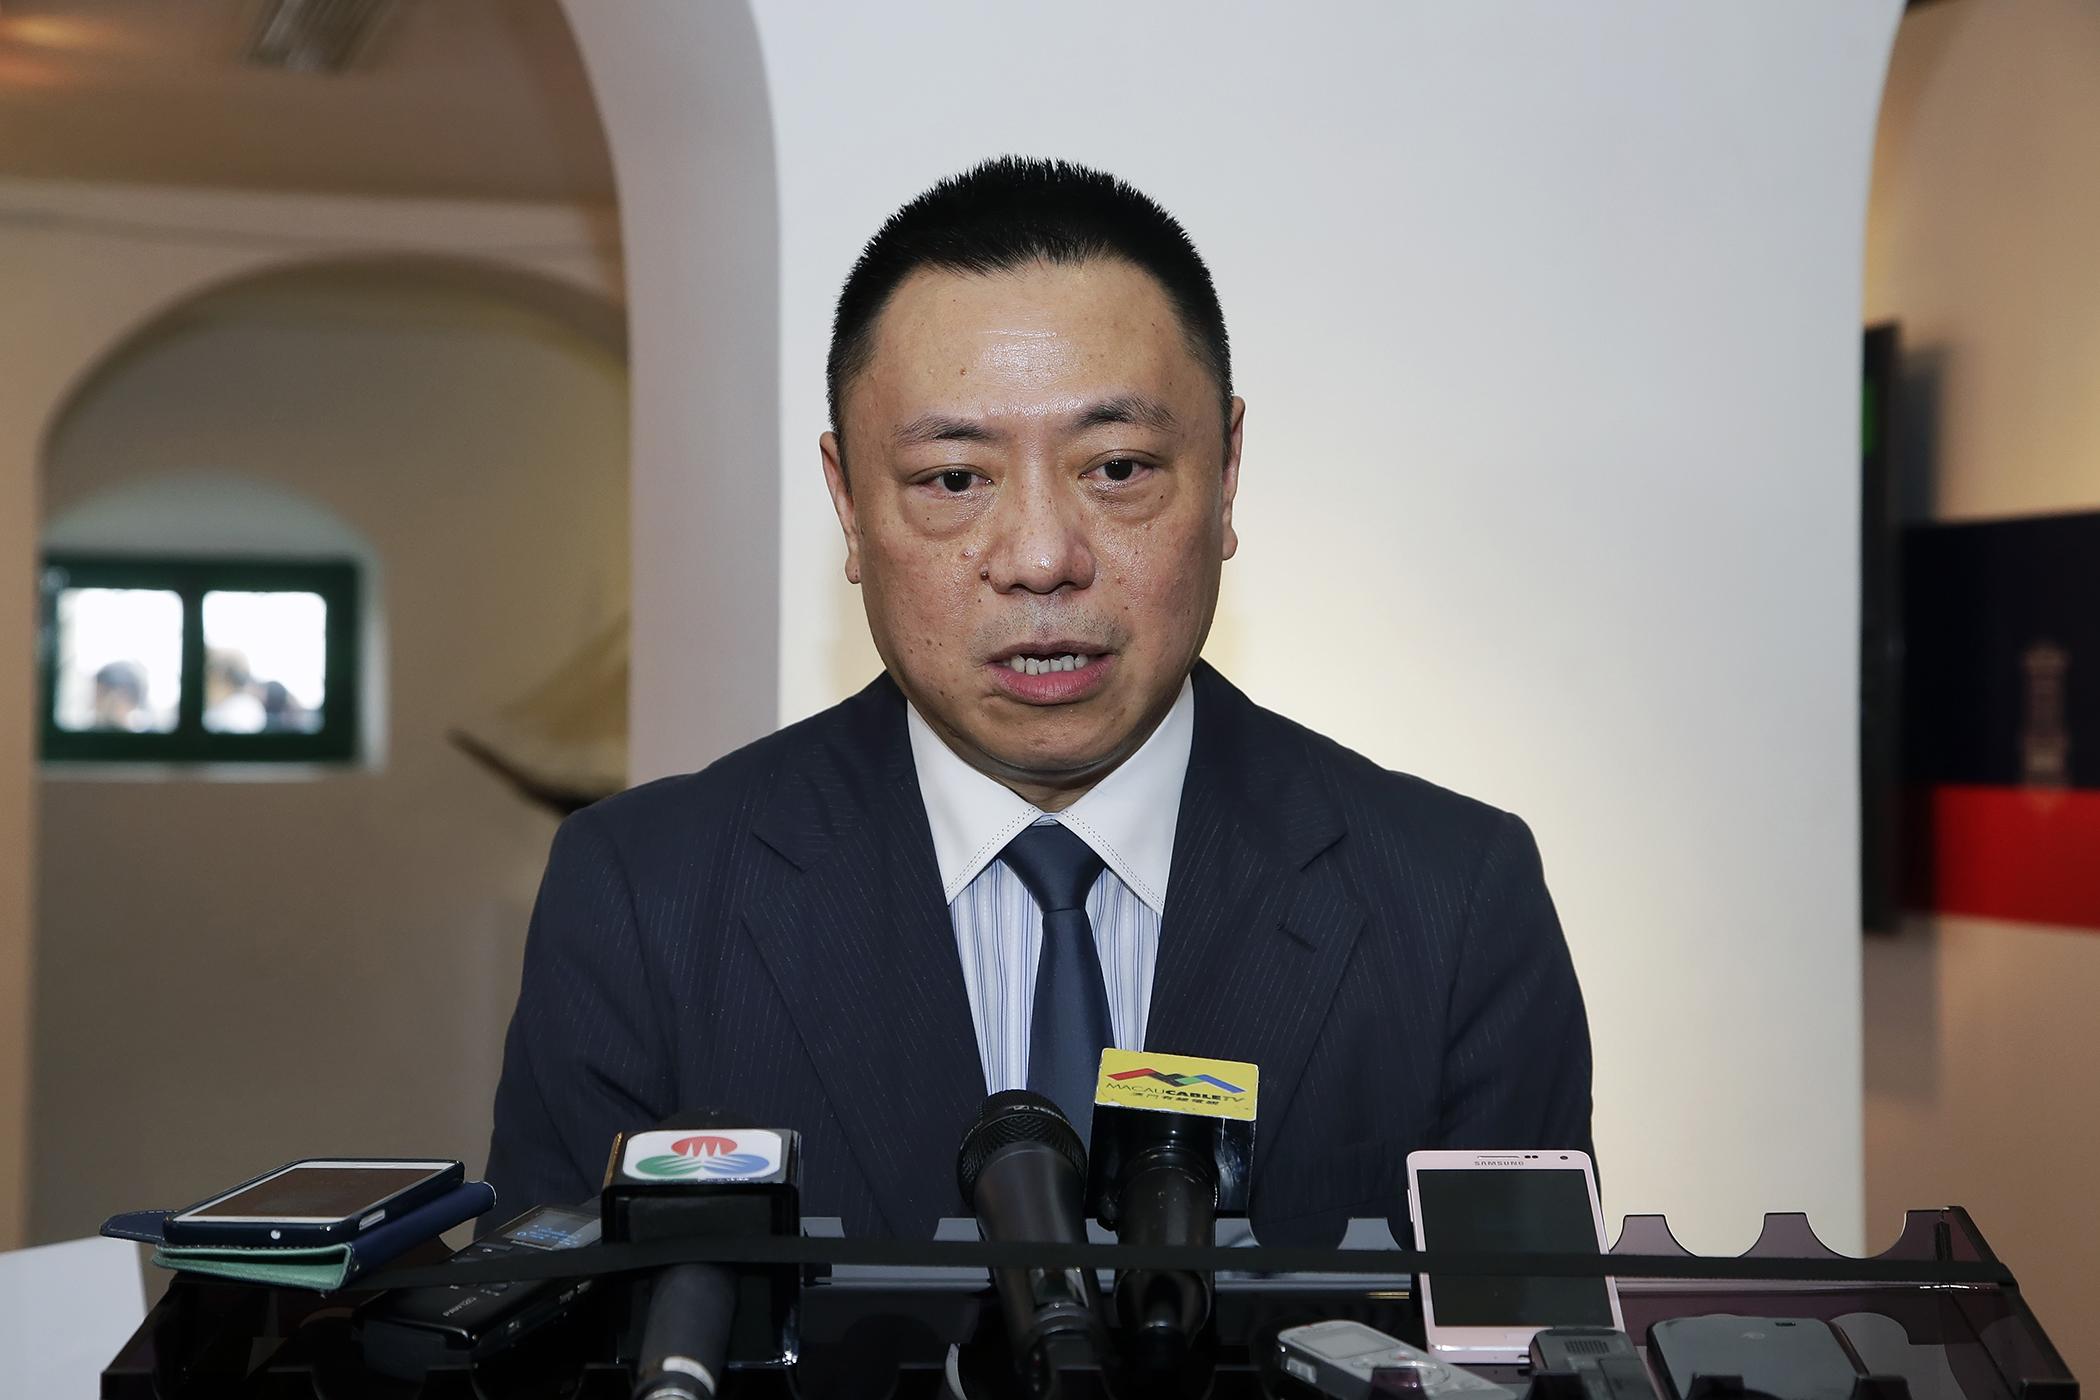 Macau casino license process